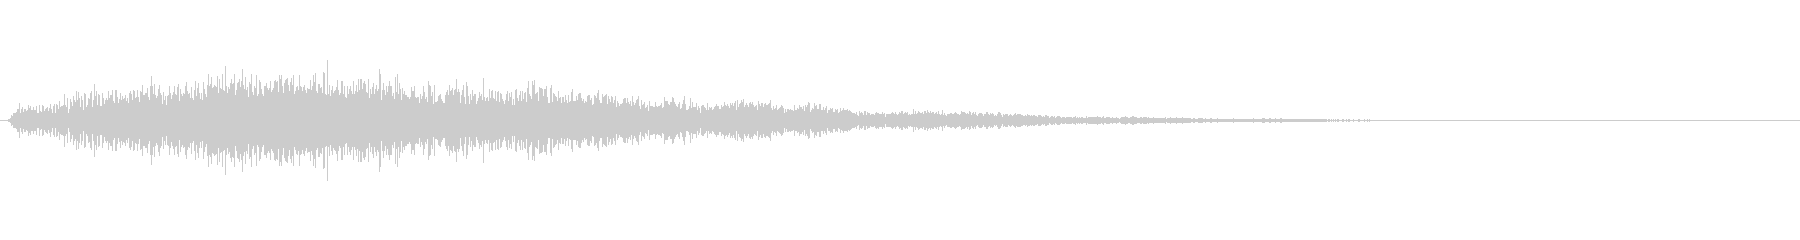 ゴージャスな決定音5の未再生の波形